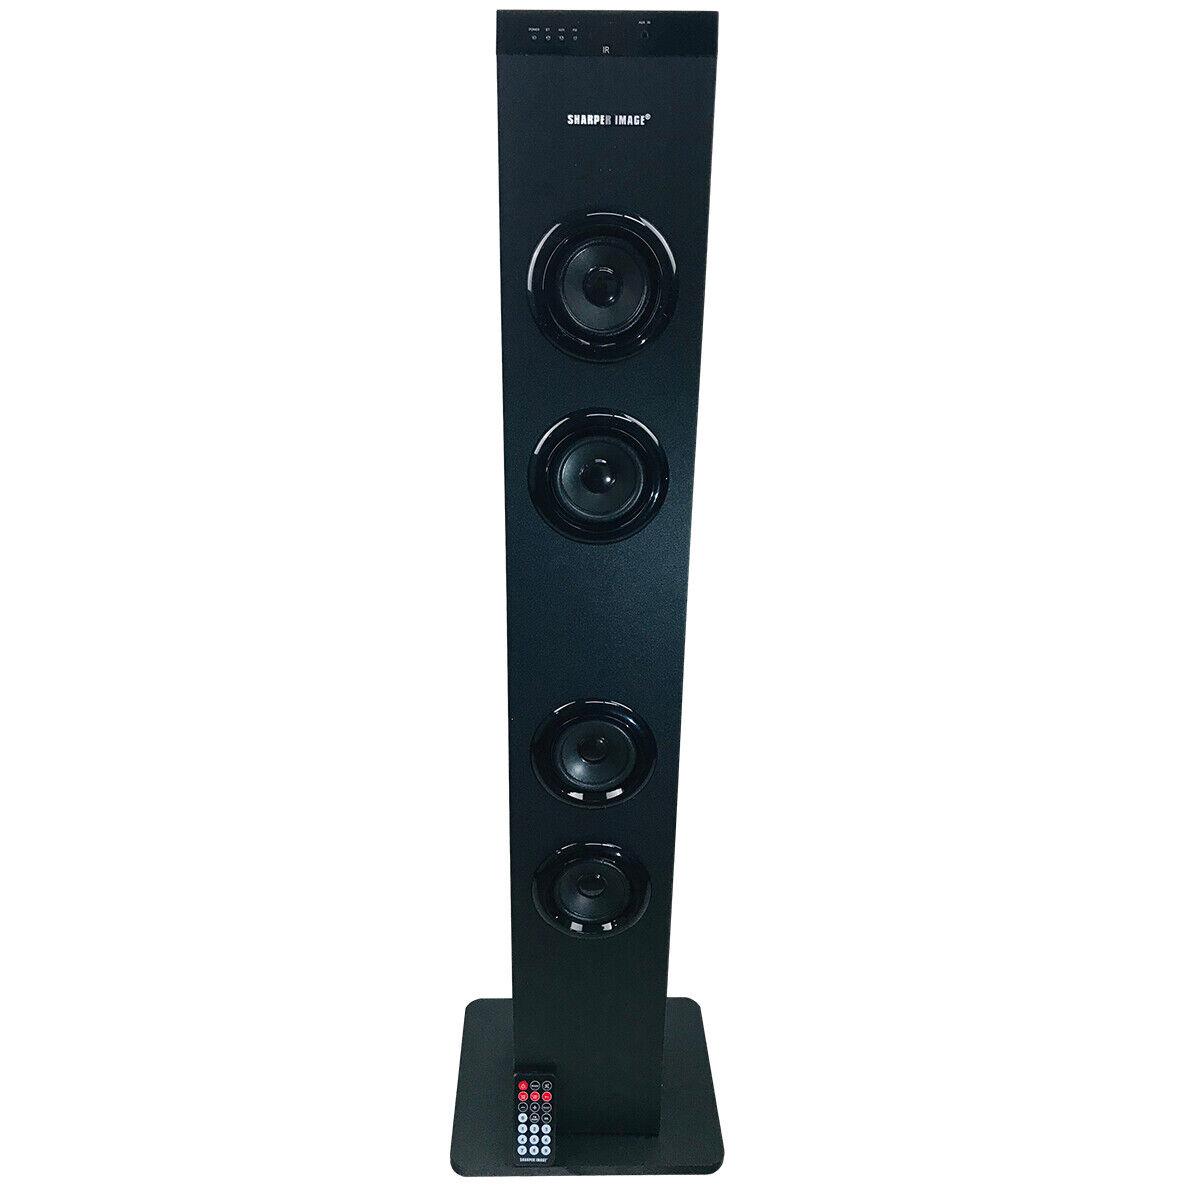 Sharper Image Bluetooth Tower Speaker SBT9 Black (Refurbished)